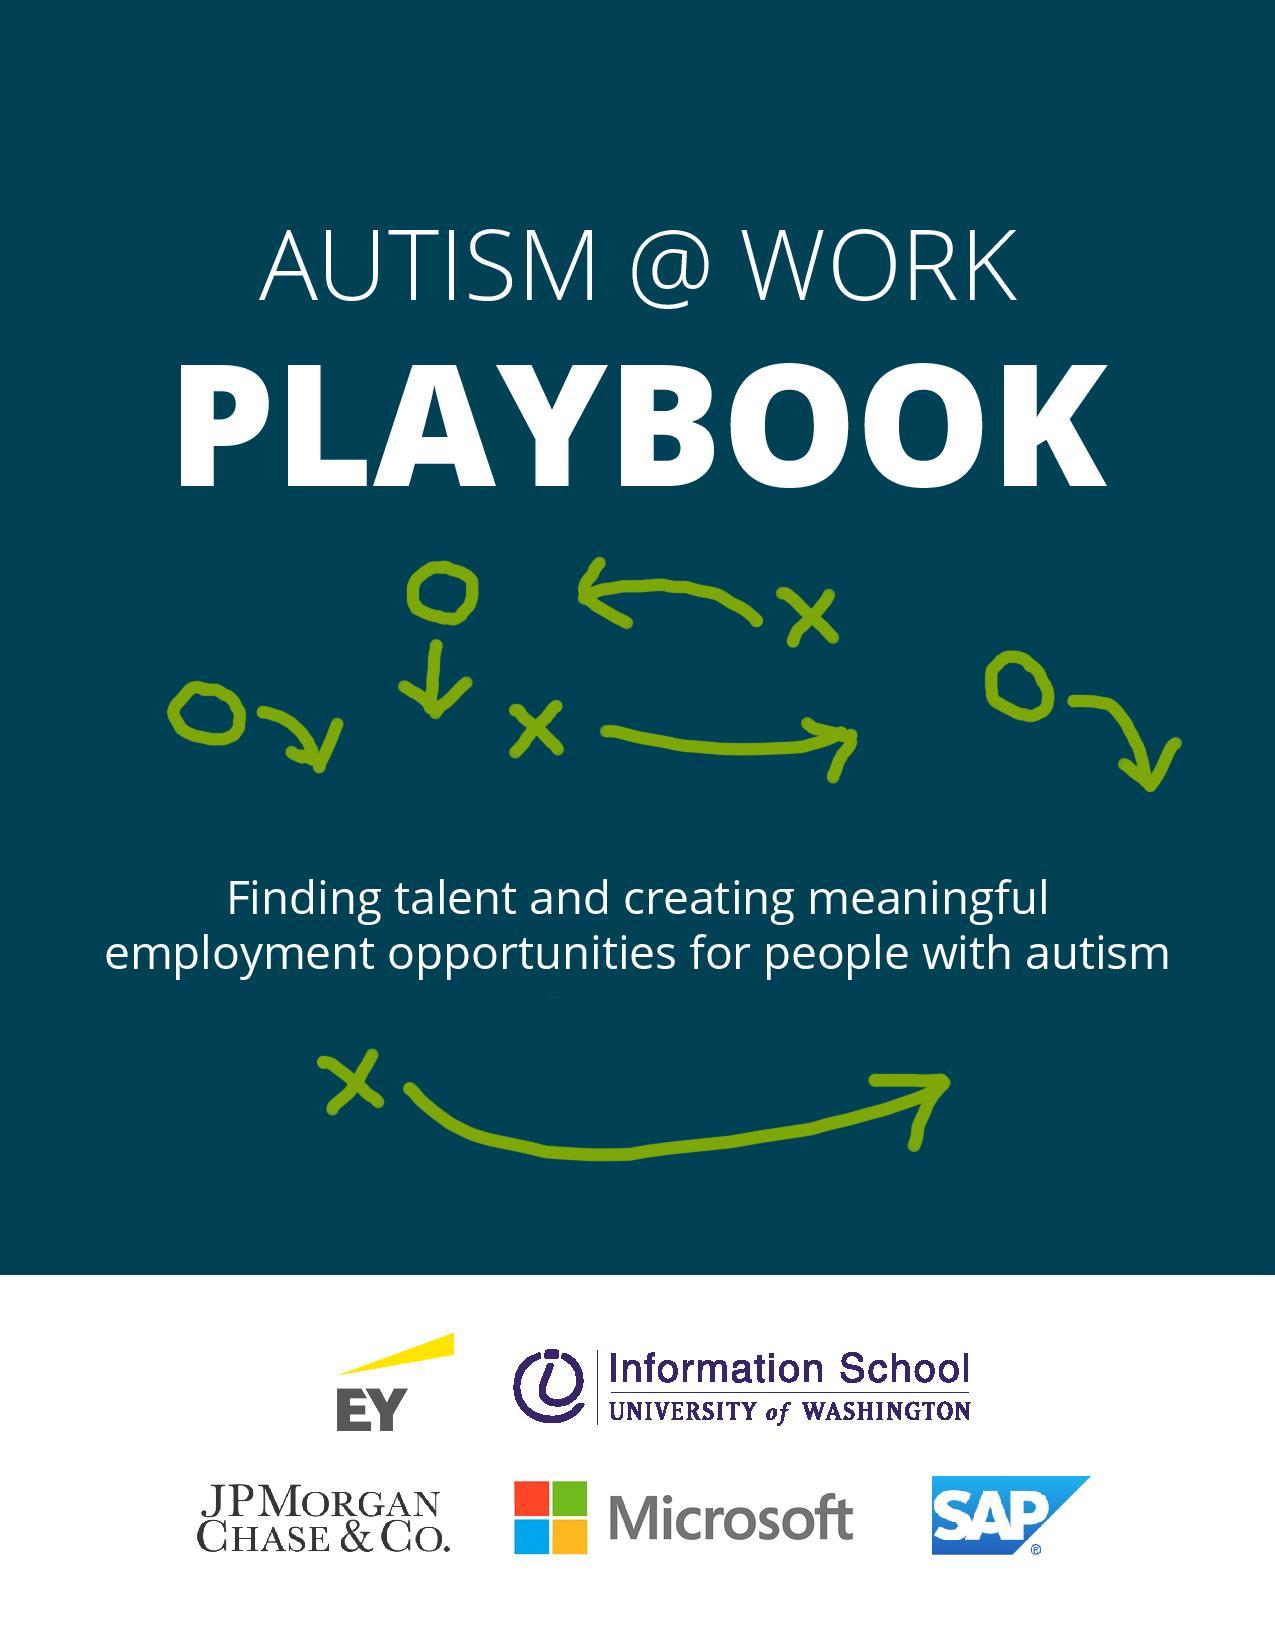 iSchool's Hala Annabi creates 'Autism @ Work Playbook' by Peter Kelley